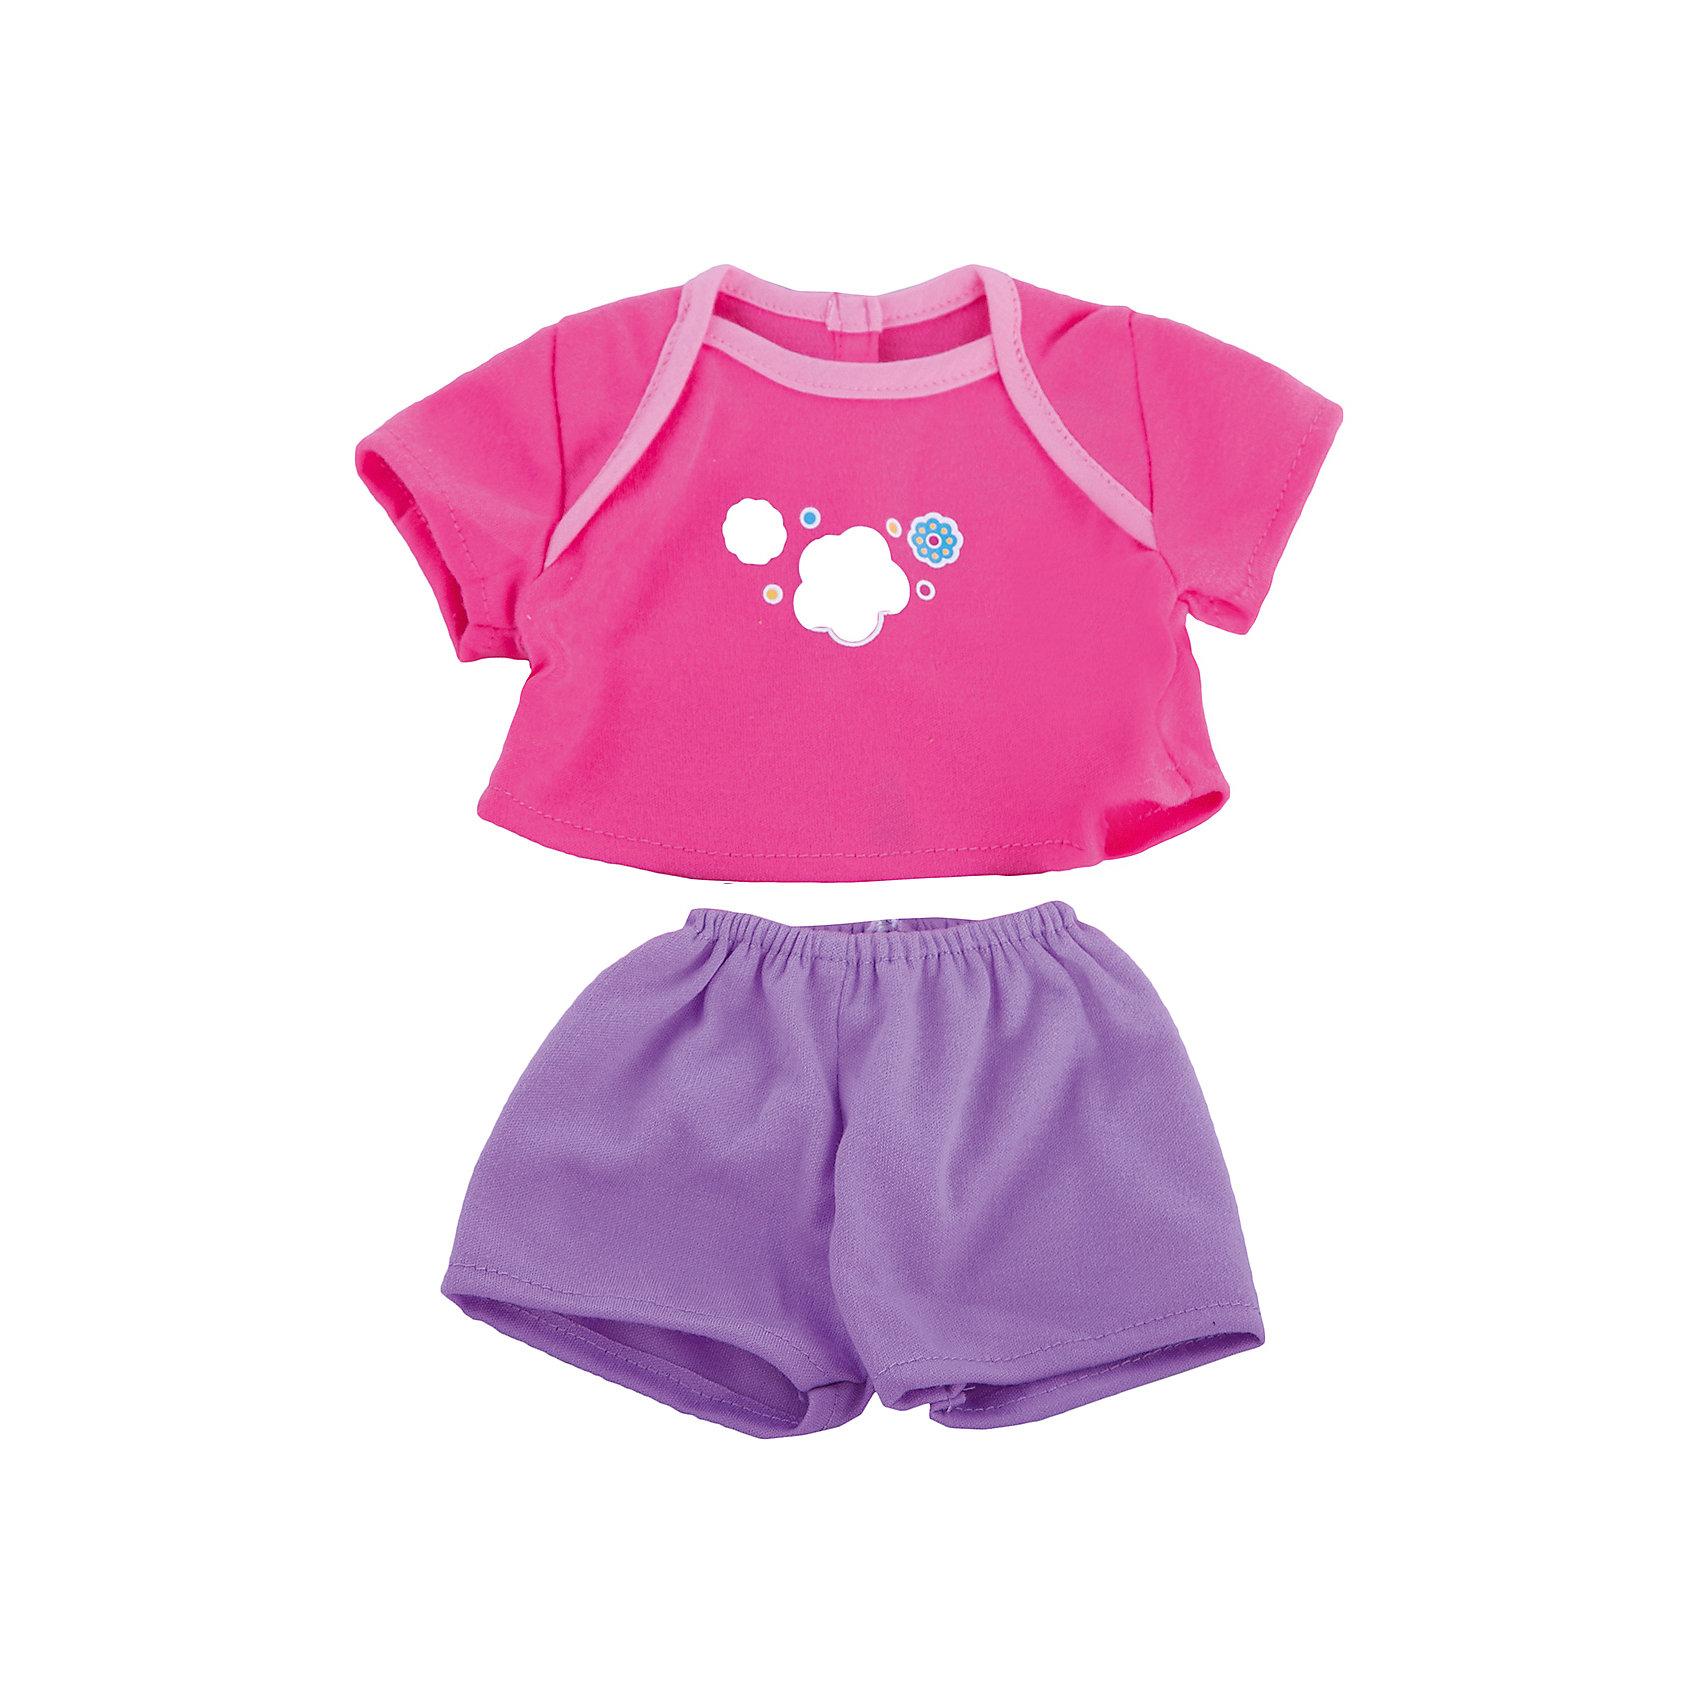 Одежда для куклы 42 см, футболочка и штанишки, Mary PoppinsКукольная одежда и аксессуары<br>Одежда для куклы 42 см, футболочка и штанишки, Mary Poppins.<br><br>Характеристики:<br><br>• Комплектация: футболка, штанишки, вешалка<br>• Высота куклы: 38-42 см.<br>• Материал: текстиль<br>• Цвет: розовый, сиреневый<br>• Упаковка: пакет<br>• Уход: стирка в стиральной машине при температуре 30 ?С<br><br>Куклы тоже любят менять наряды! И для них создается стильная и модная одежда, похожая на одежду для настоящих малышей. Этот летний костюмчик из эксклюзивной коллекции Цветочки ТМ Mary Poppins пополнит гардероб куклы высотой 38-42 см. Розовая футболка, украшенная ярким принтом, и сиреневые шортики отлично подойдут для летних прогулок с любимой куклой. Наряд для куклы изготовлен из приятной на ощупь ткани, его легко снимать и одевать.<br><br>Одежду для куклы 42 см, футболочка и штанишки, Mary Poppins можно купить в нашем интернет-магазине.<br><br>Ширина мм: 220<br>Глубина мм: 330<br>Высота мм: 10<br>Вес г: 81<br>Возраст от месяцев: 24<br>Возраст до месяцев: 2147483647<br>Пол: Женский<br>Возраст: Детский<br>SKU: 5402774